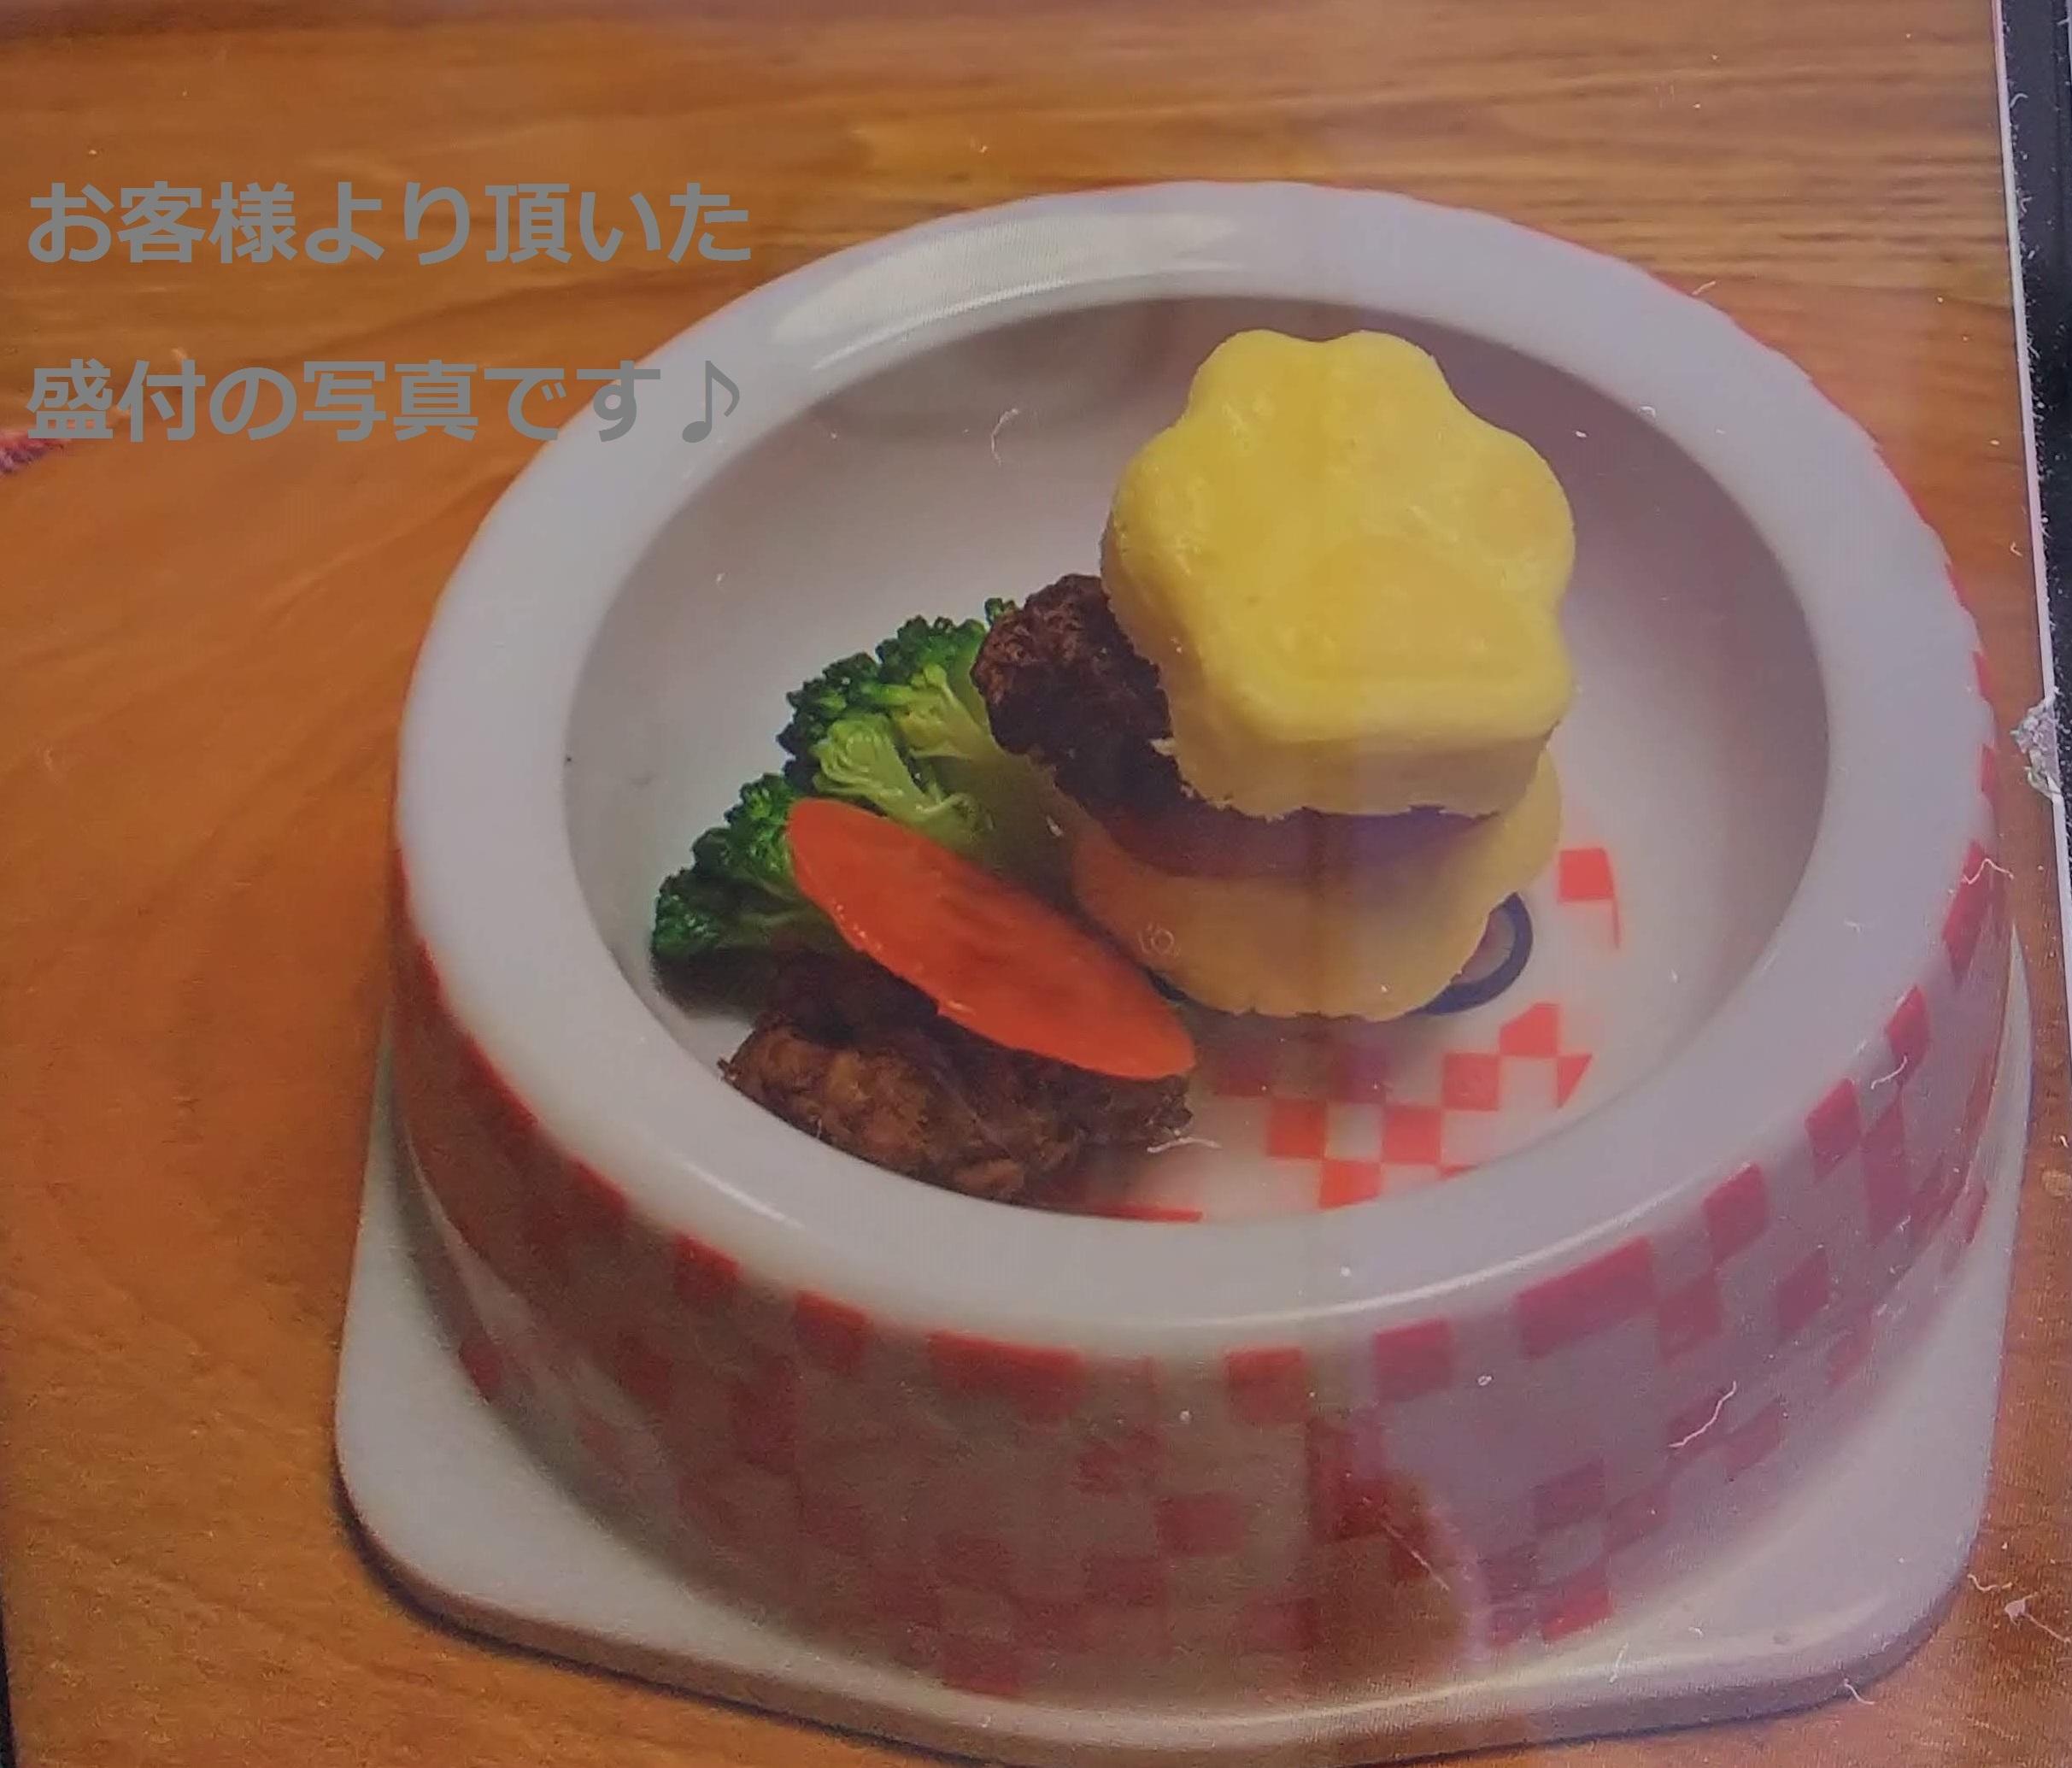 信州わんわんジャーキー オリジナル 冷凍鹿肉100% わんこハンバーガー (20g×4個入り)  米粉使用 無添加